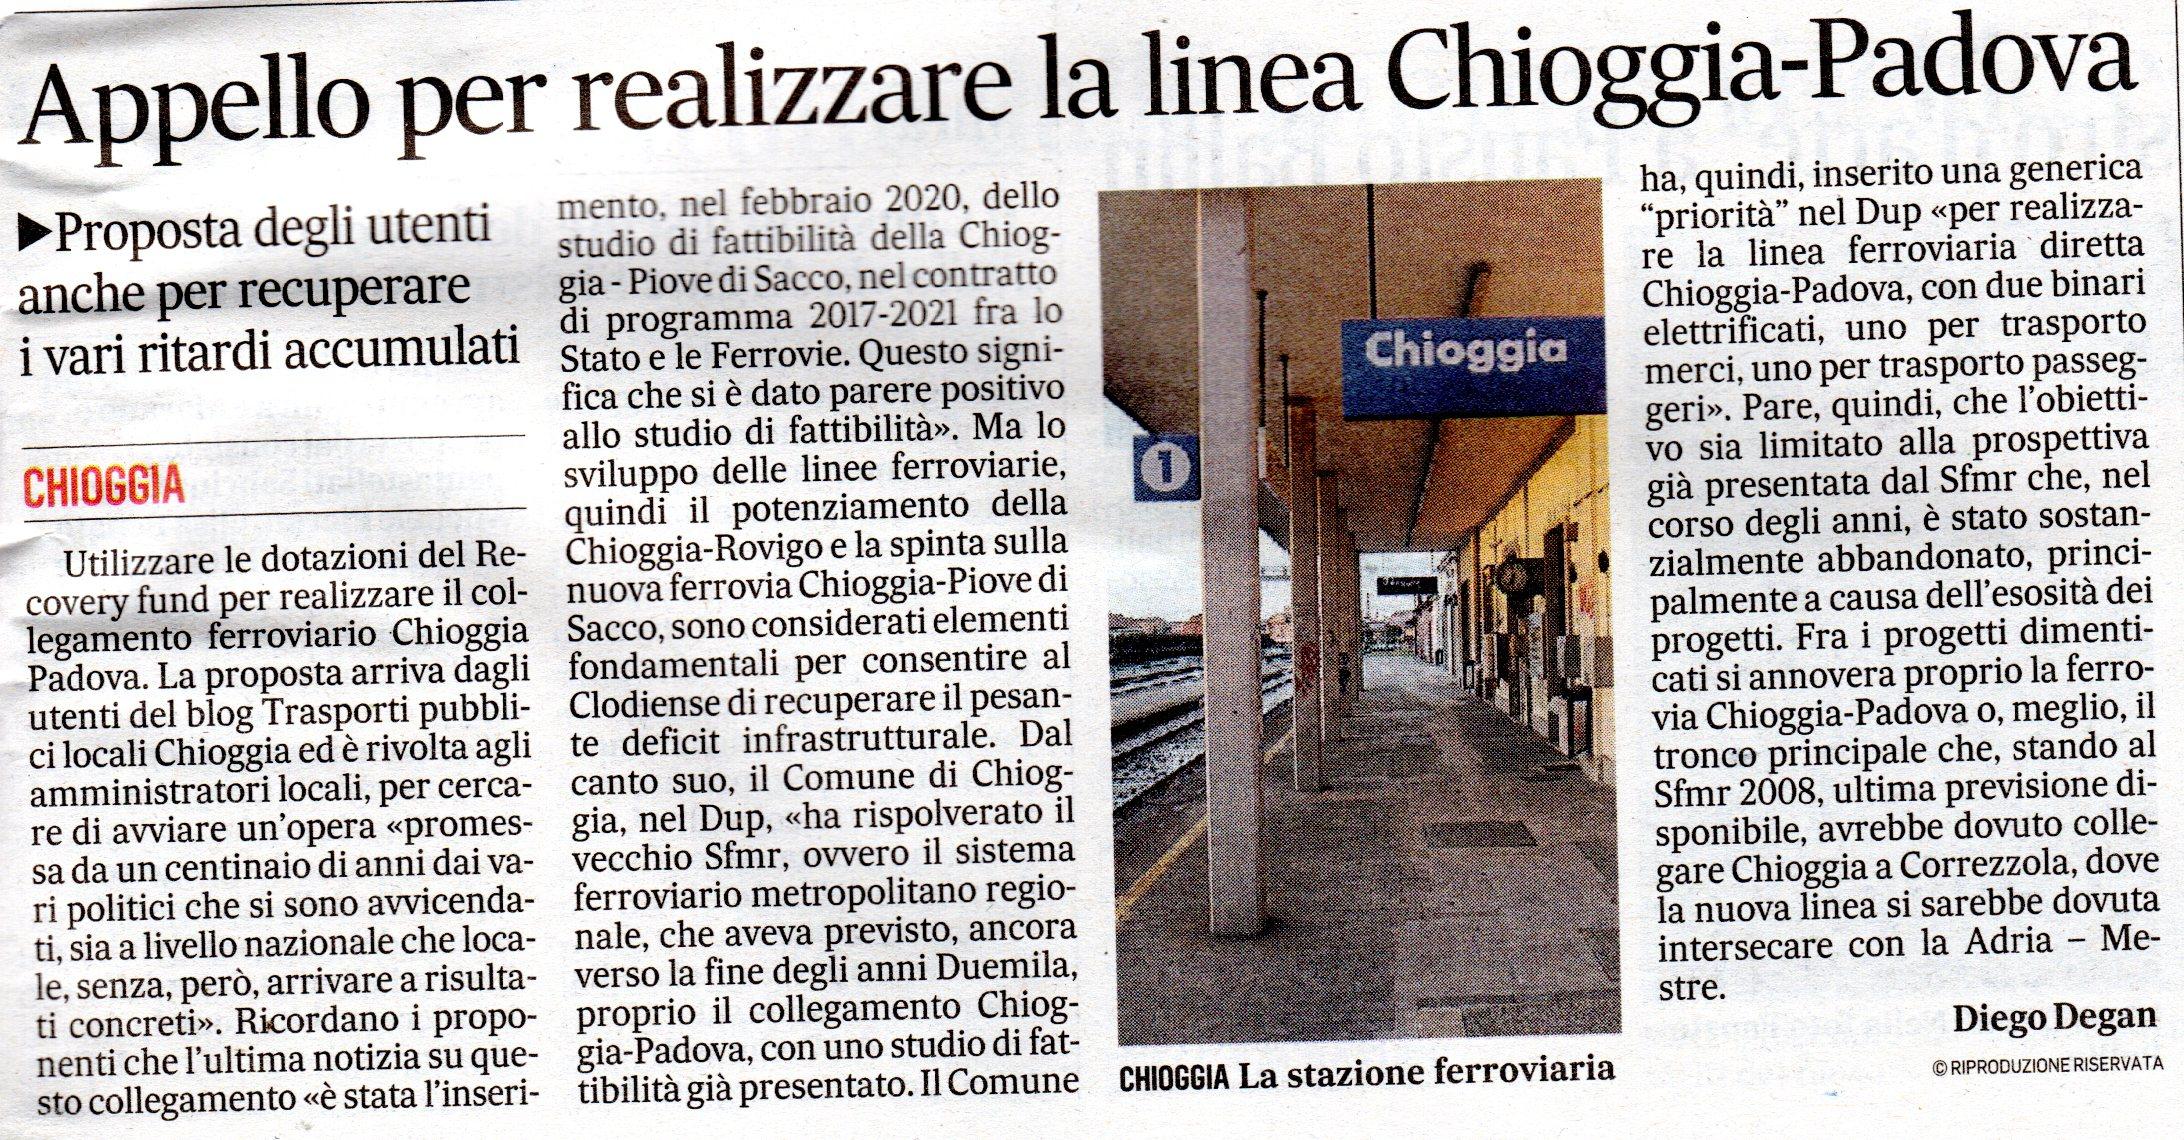 Appello per realizzare la linea Chioggia-Padova (Il Gazzettino di Venezia del 29 ottobre 2020)